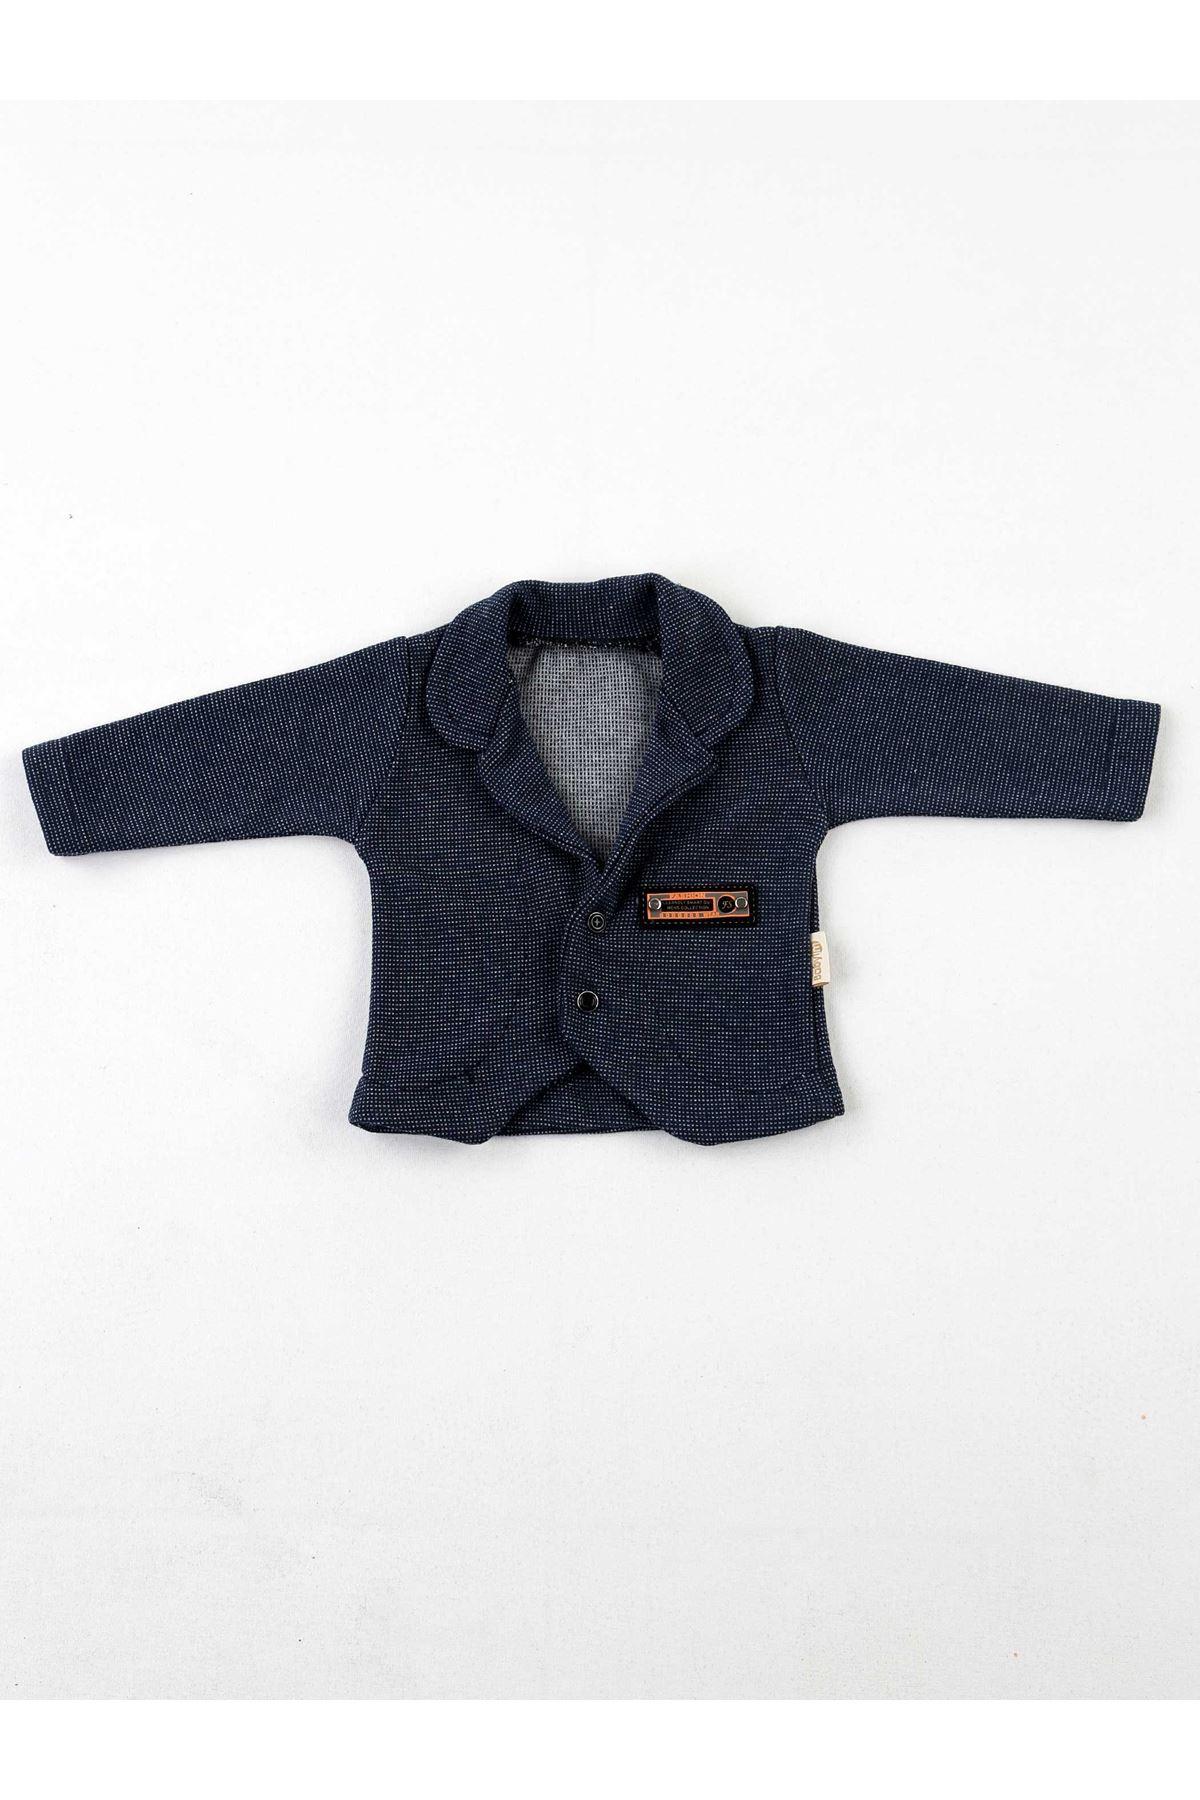 Lacivert Mevsimlik  Erkek Bebek Ceketli Kravatlı 3 lü Takım